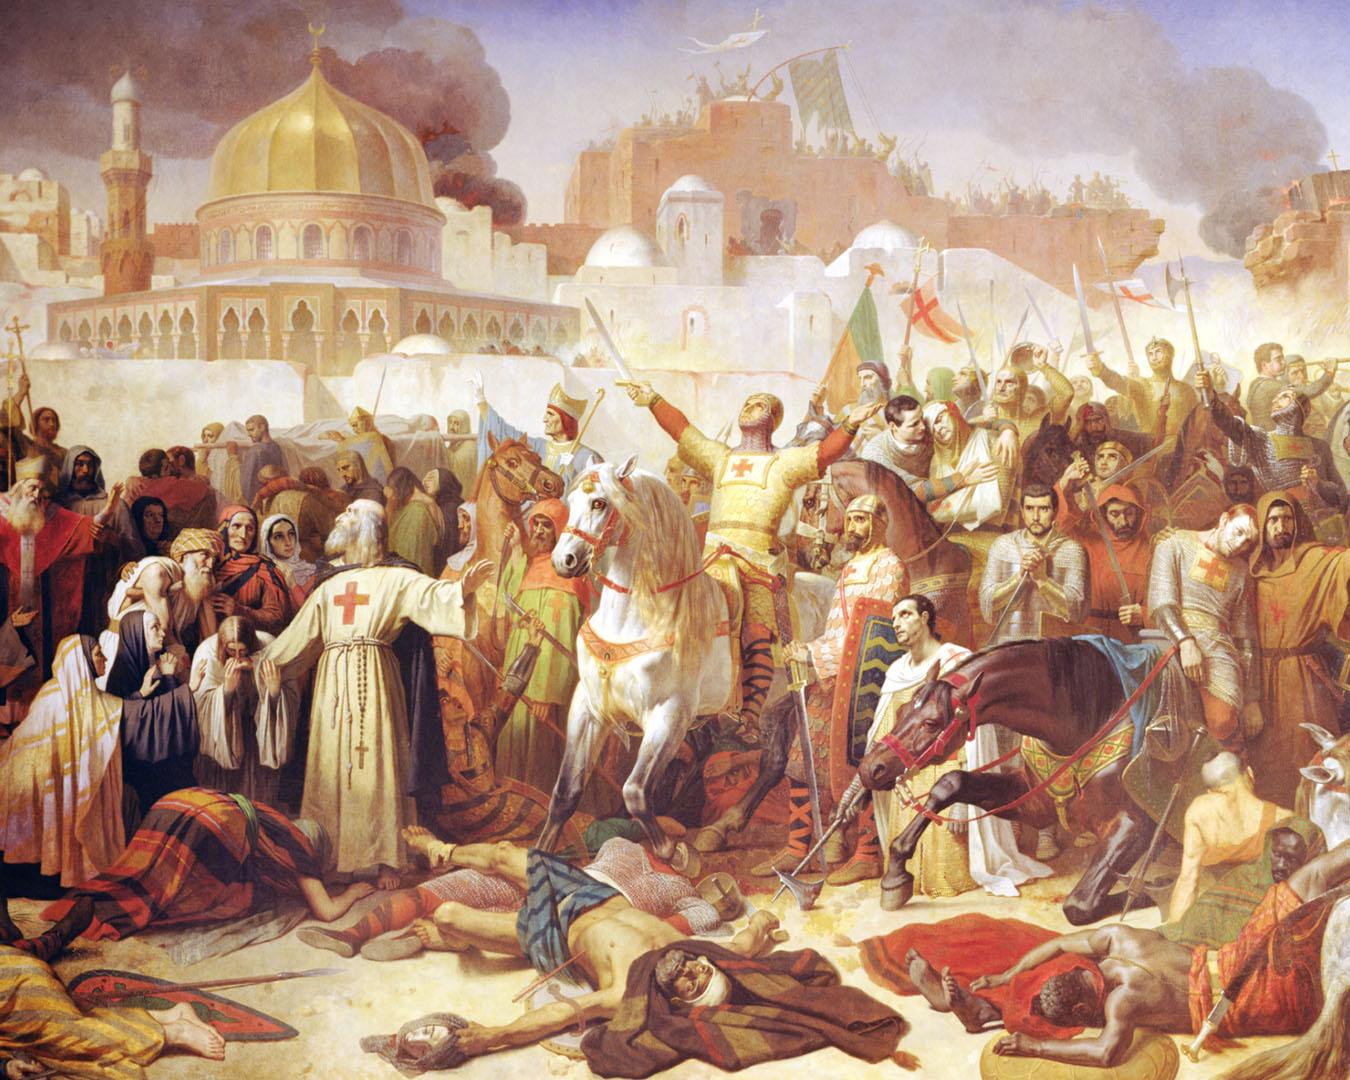 Fall of Jerusalem 1099